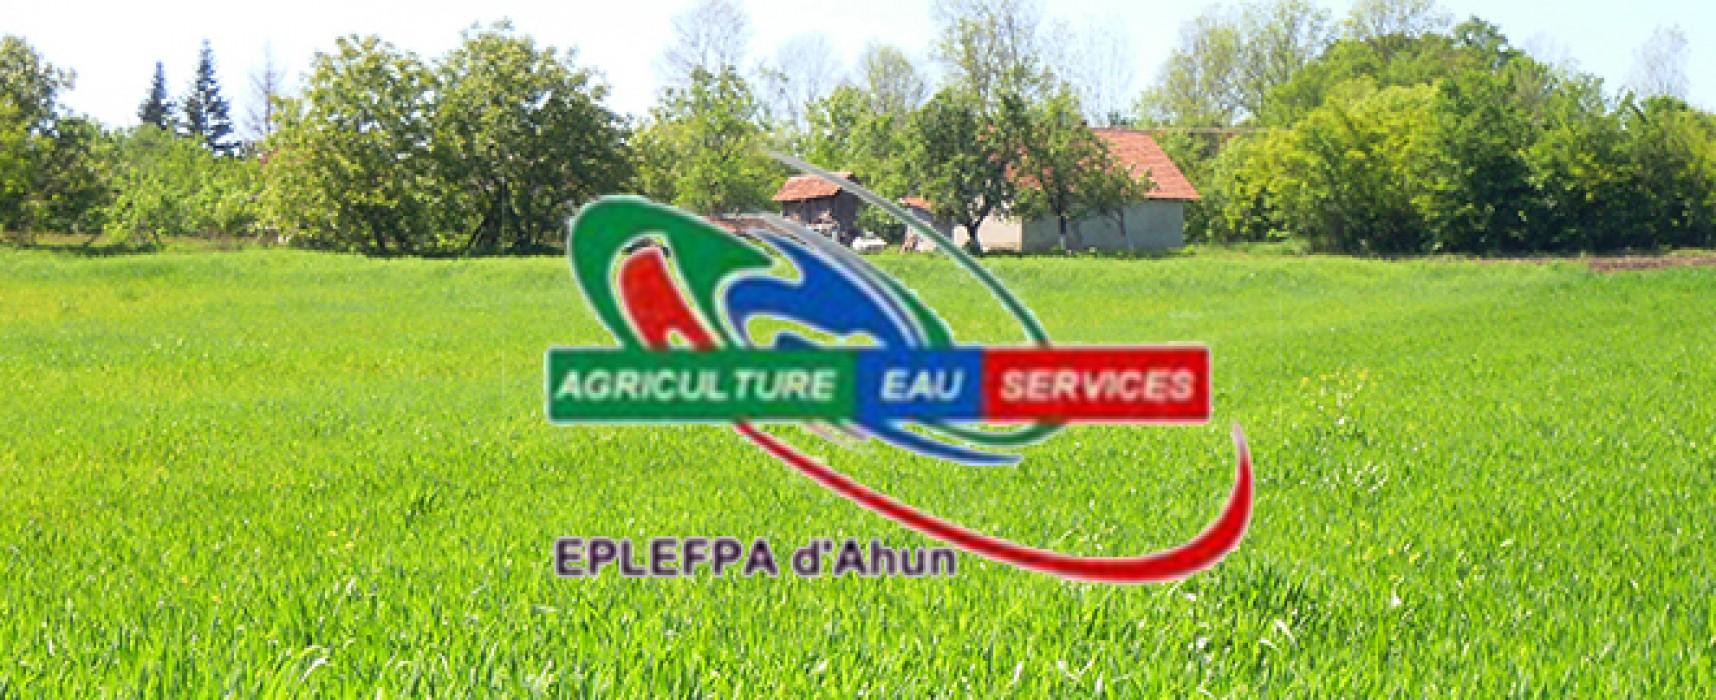 Enquête sur les besoin en information ou en formation pour les agriculteurs creusois